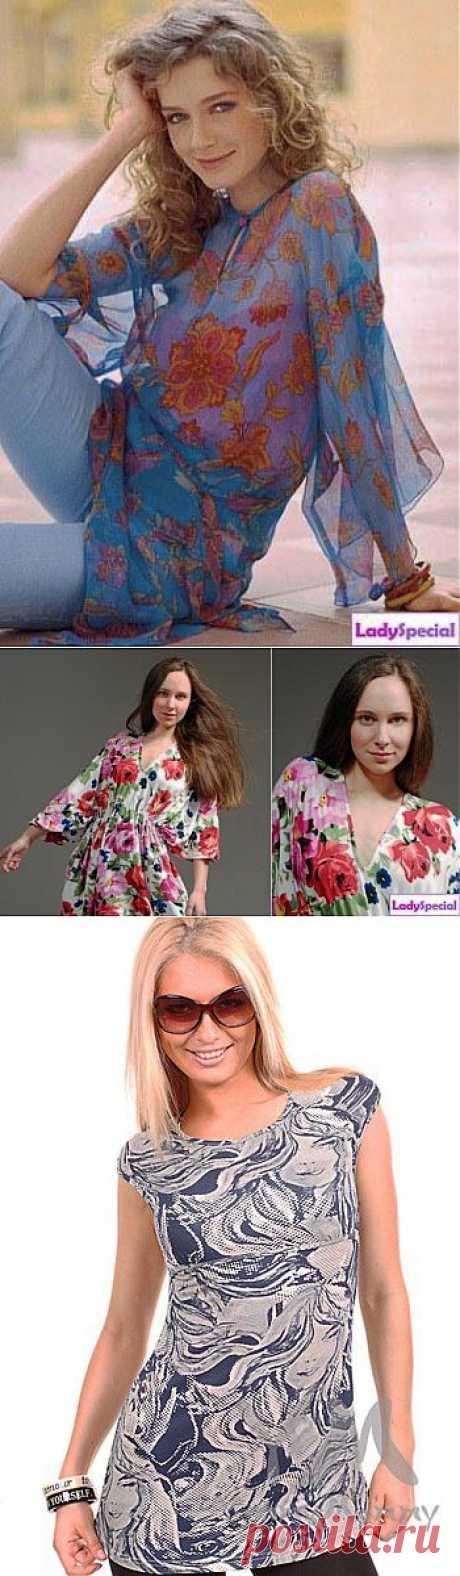 Как сшить тунику своими руками? - Женский журнал LadySpecial.ru